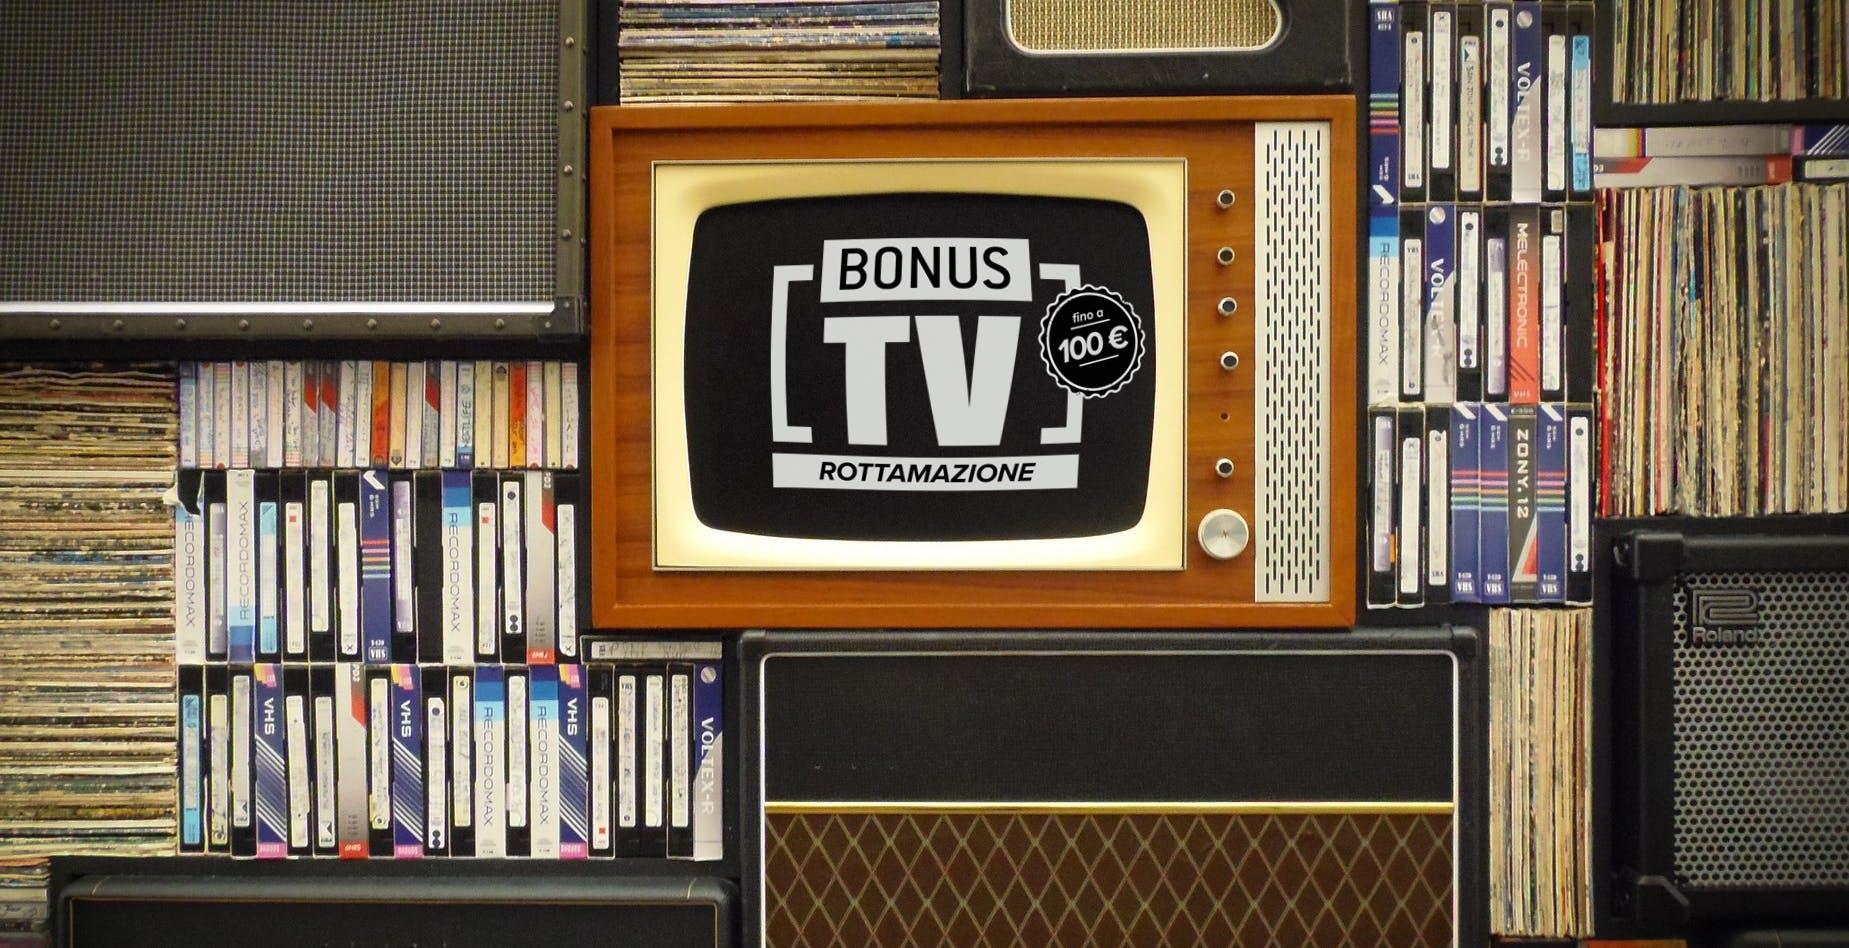 Da oggi è operativo il bonus TV Rottamazione da 100 euro. Tutte le risposte e il modulo da presentare